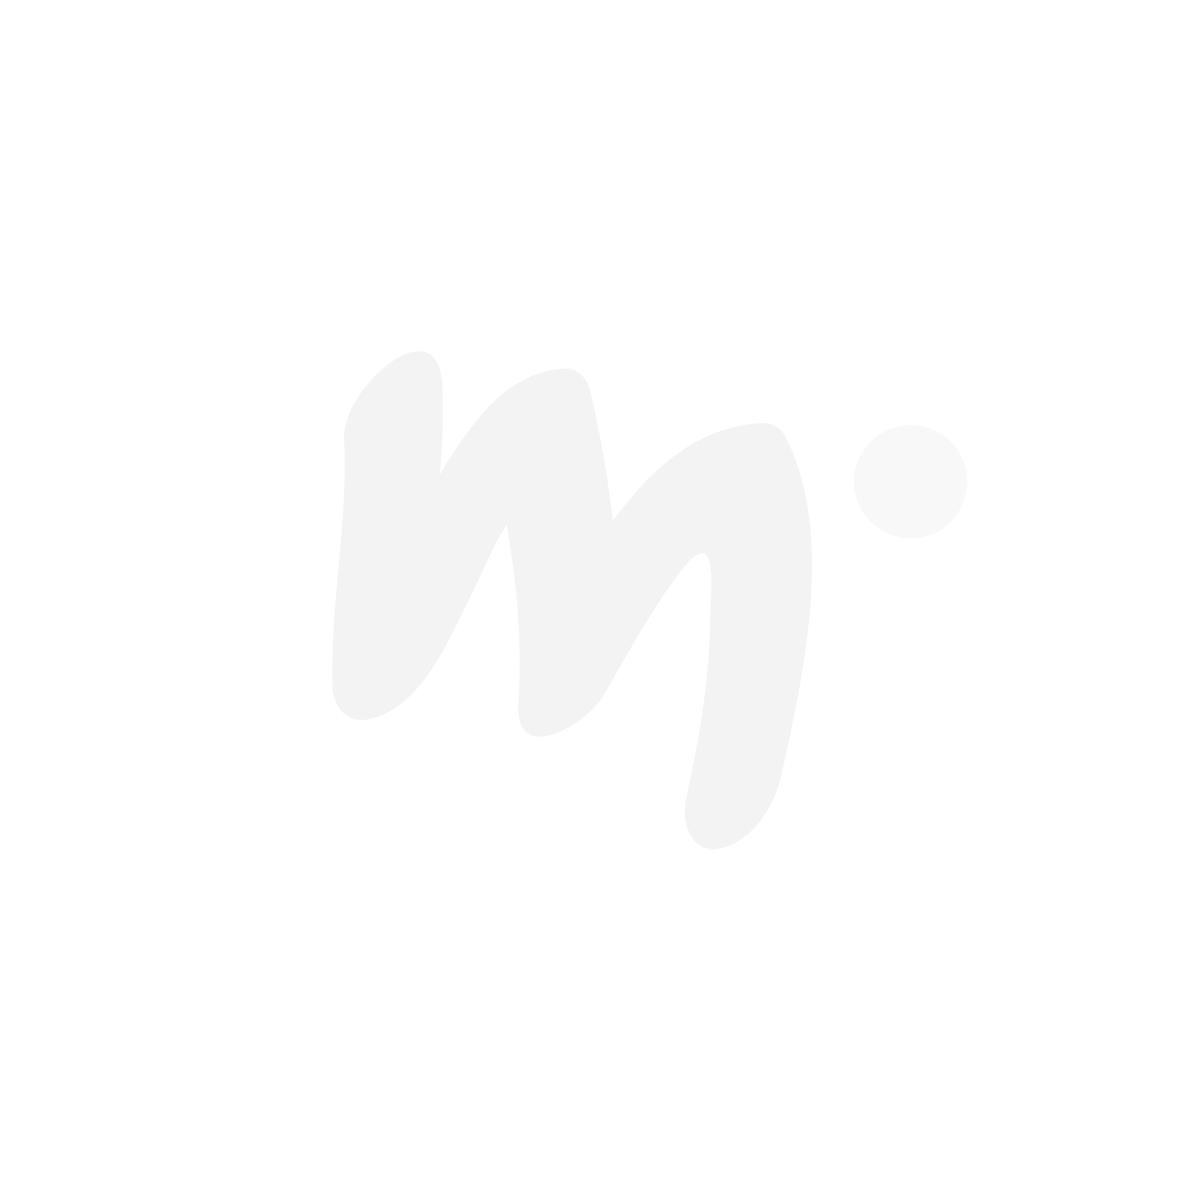 Muumi Kynänjälki-pyjama sininen